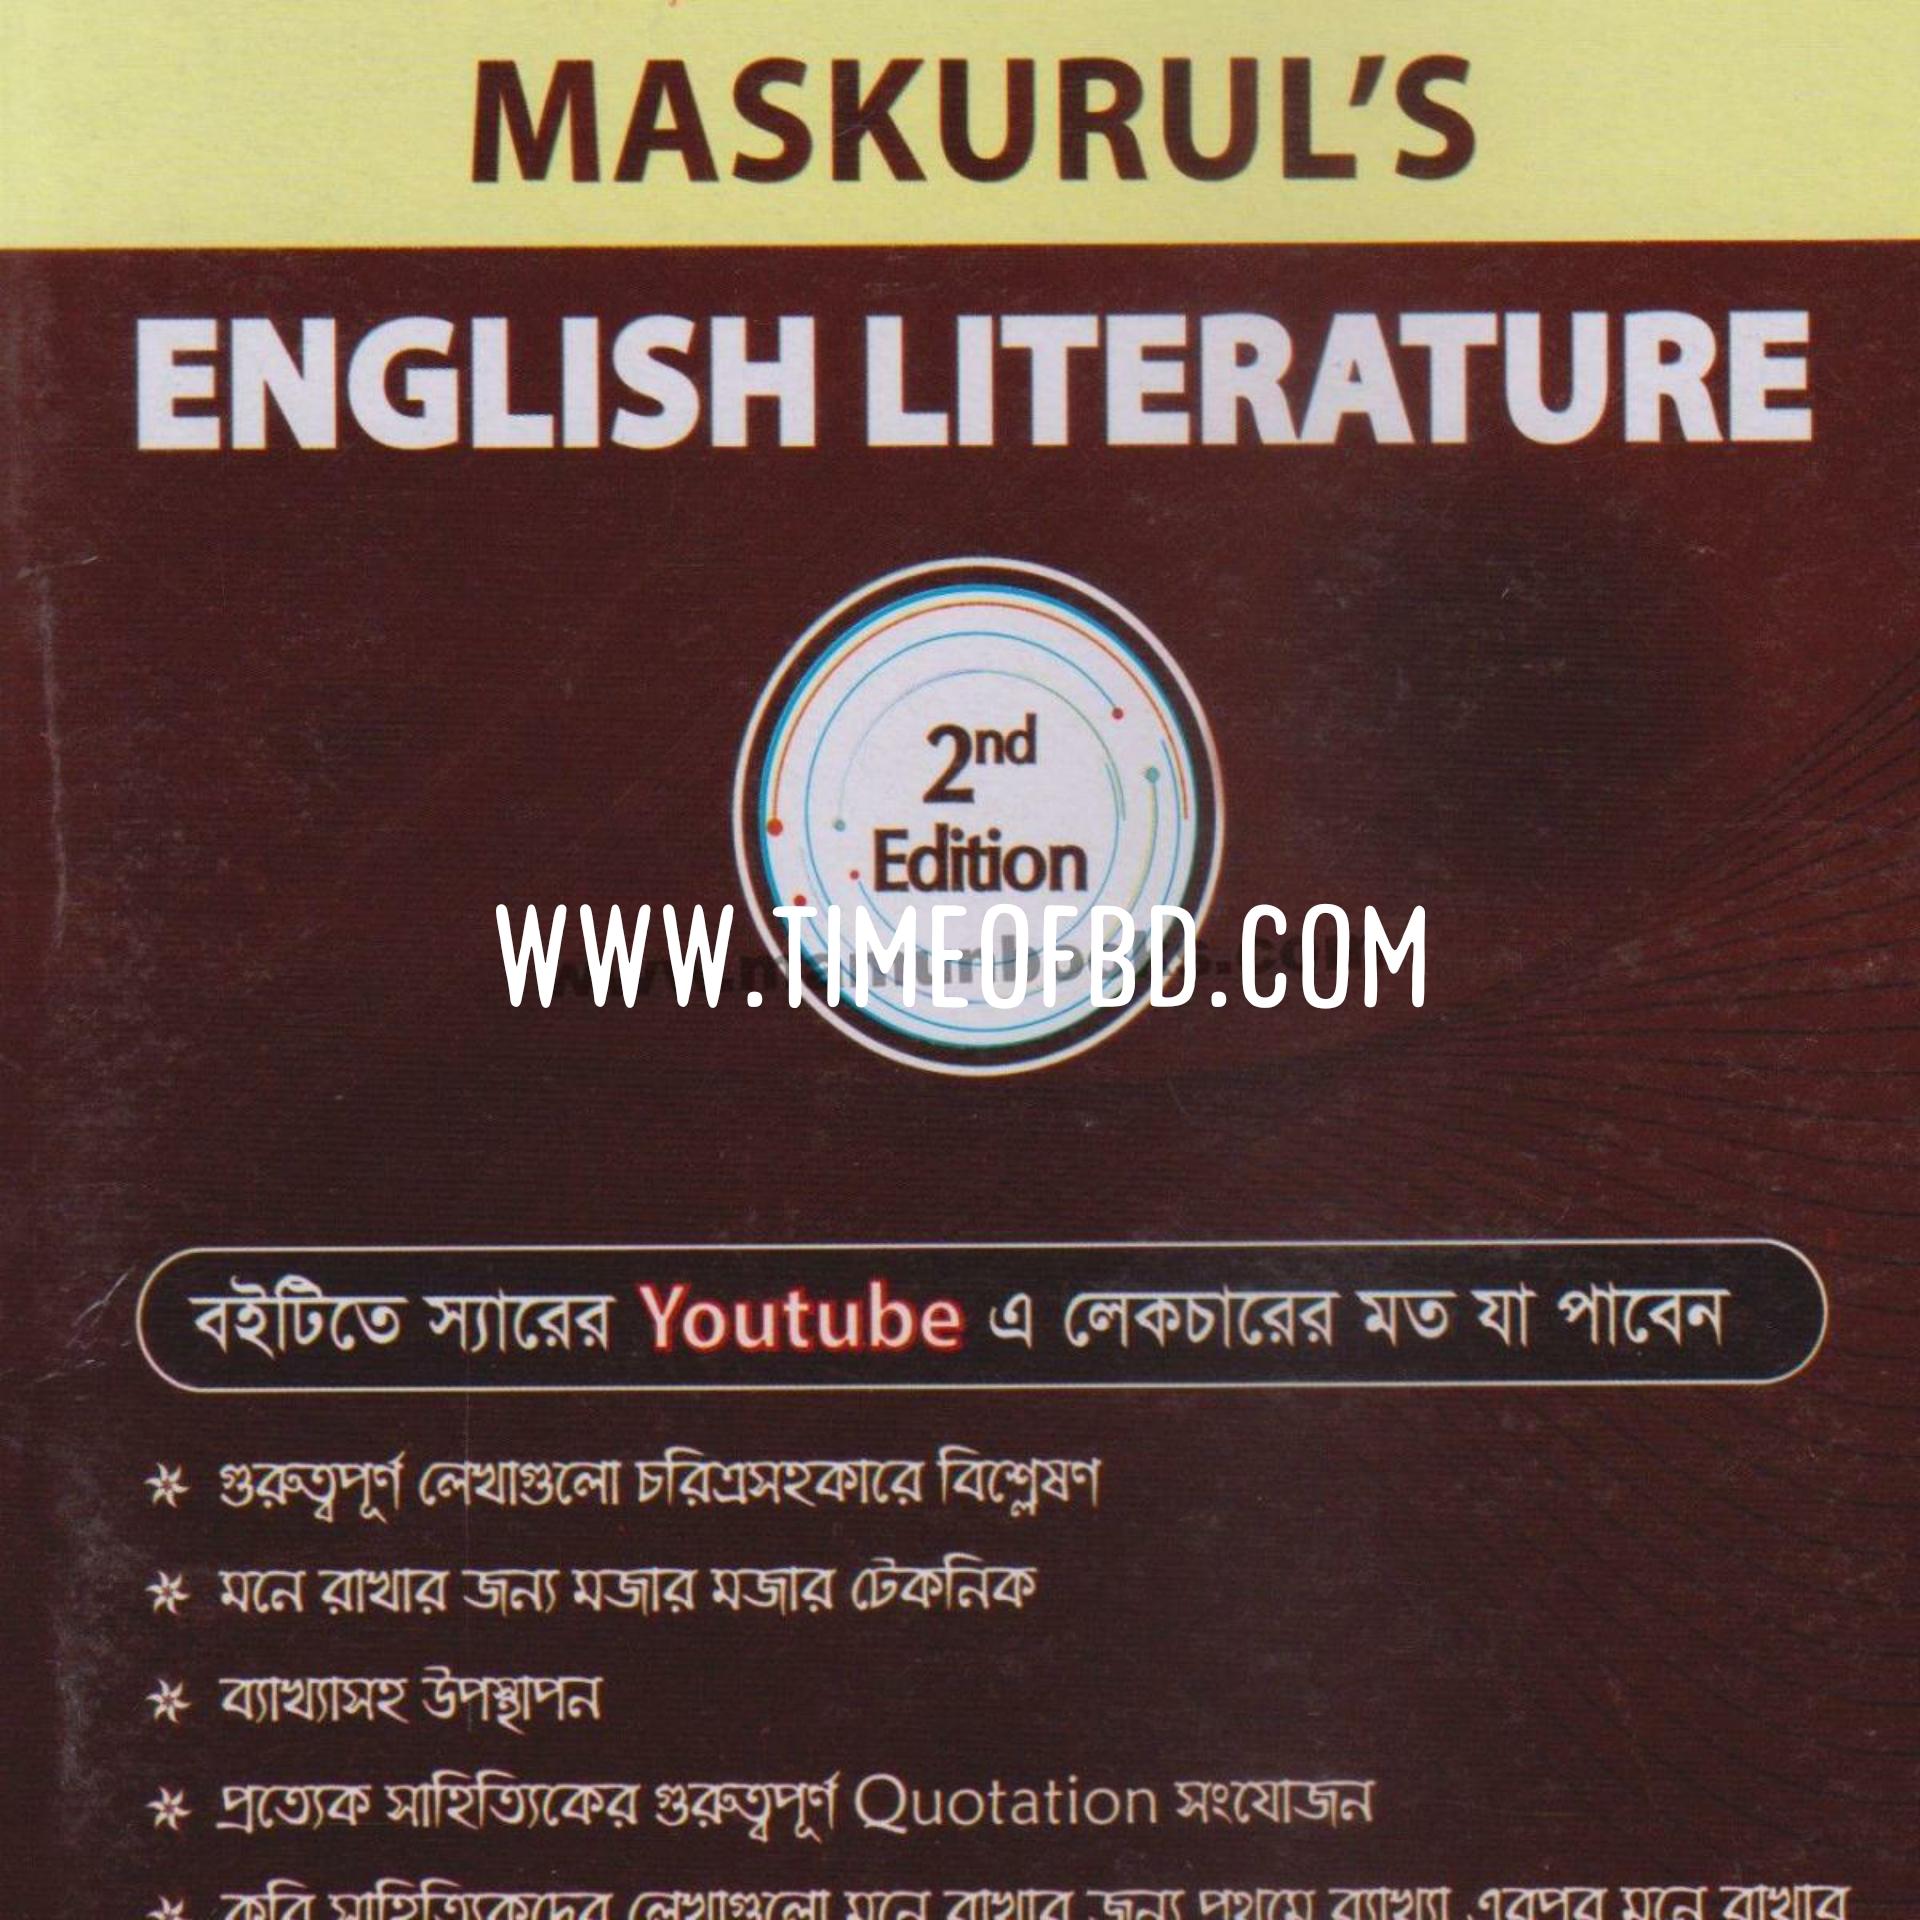 maskurul's english literature book,maskurul's english literature book pdf,maskurul's english literature,maskurul's english literature online order link